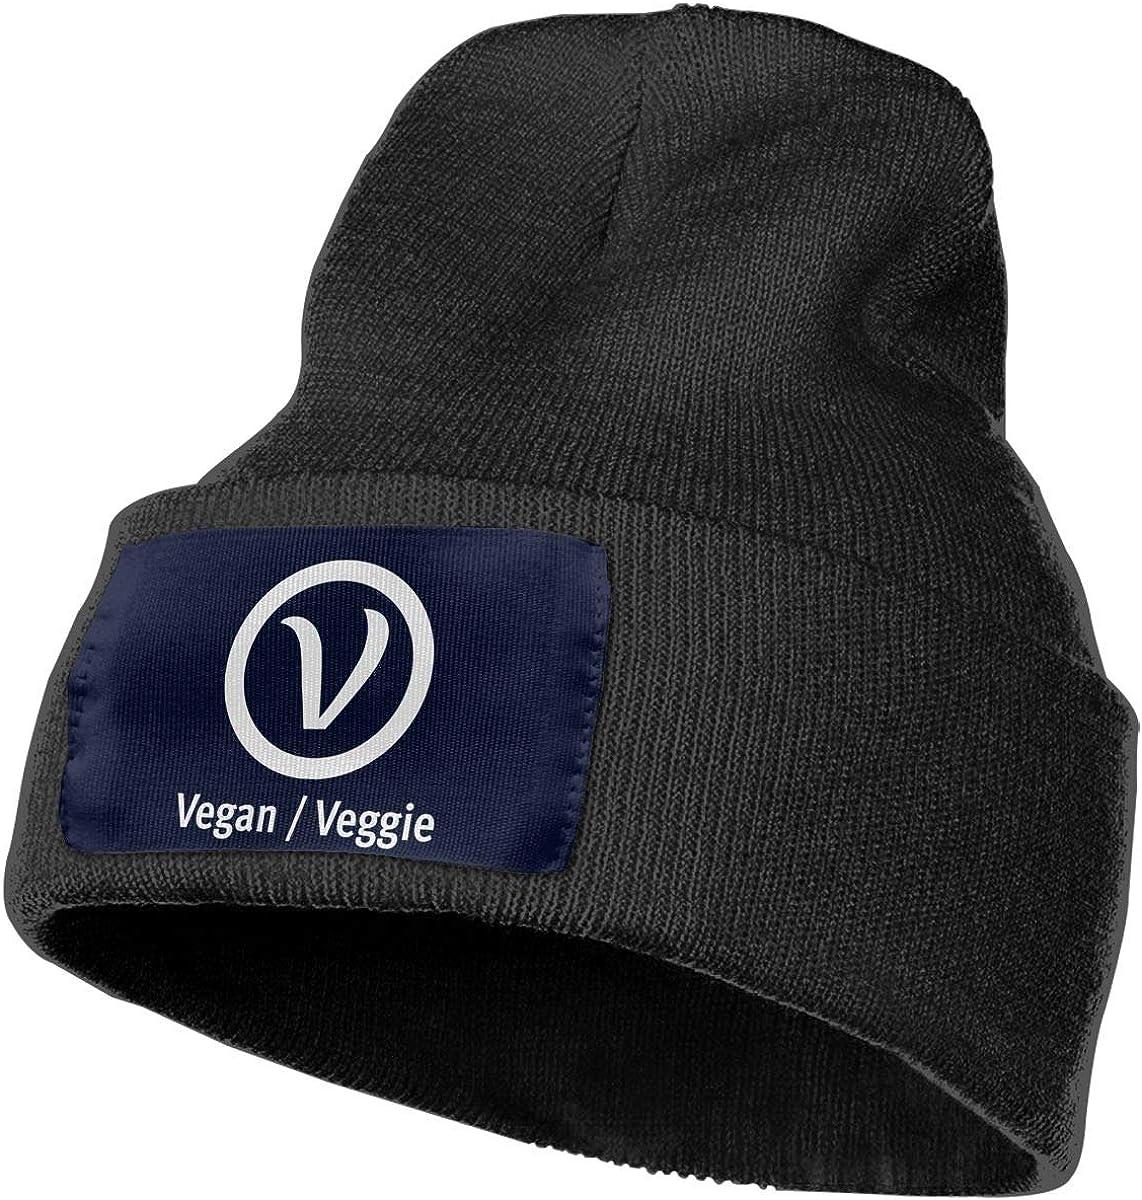 Beanie Vegan Vegetarian Knitted Hat Skull Cap Men Women